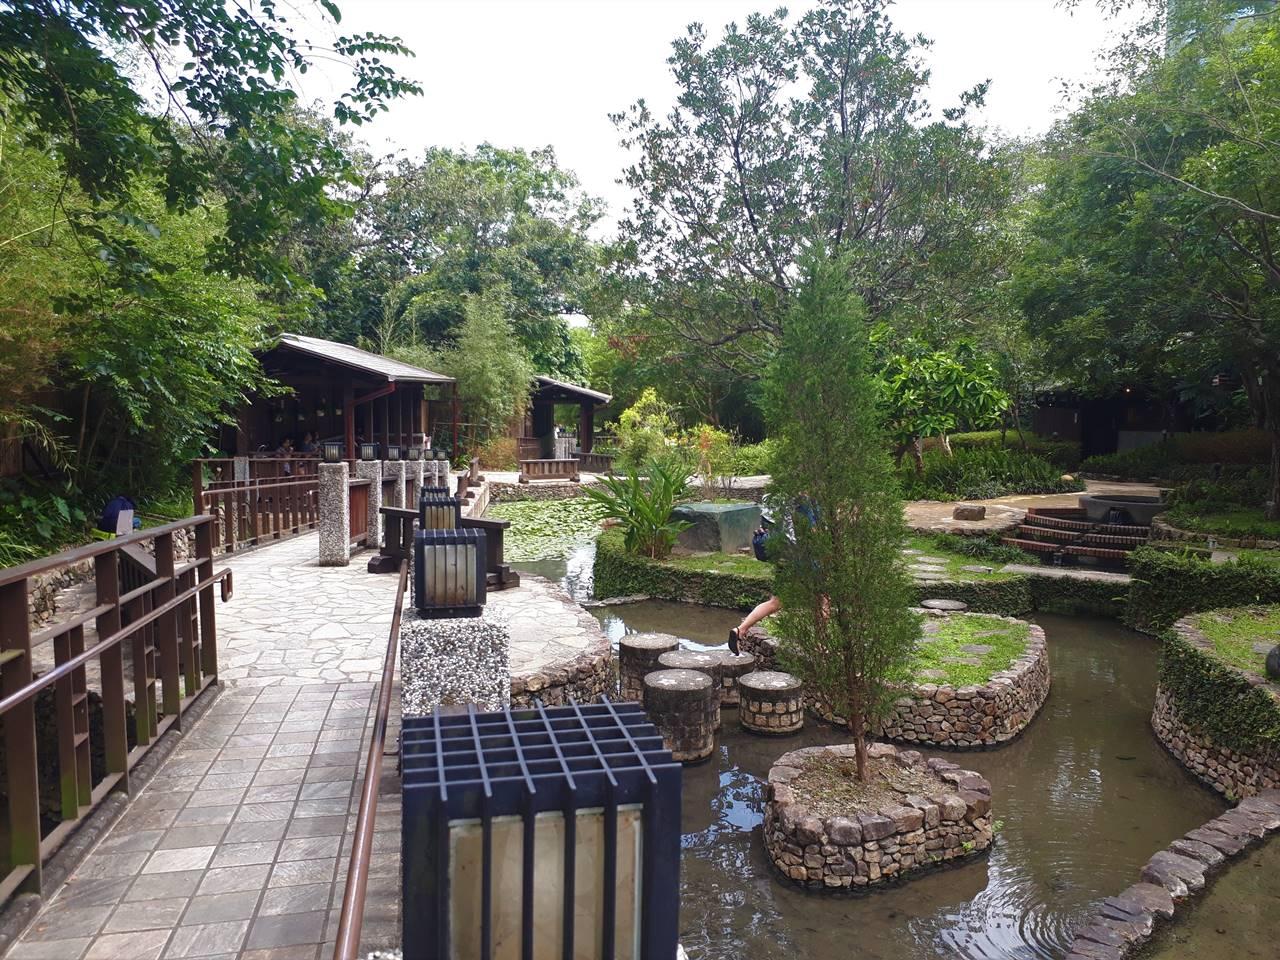 台湾・礁渓温泉公園